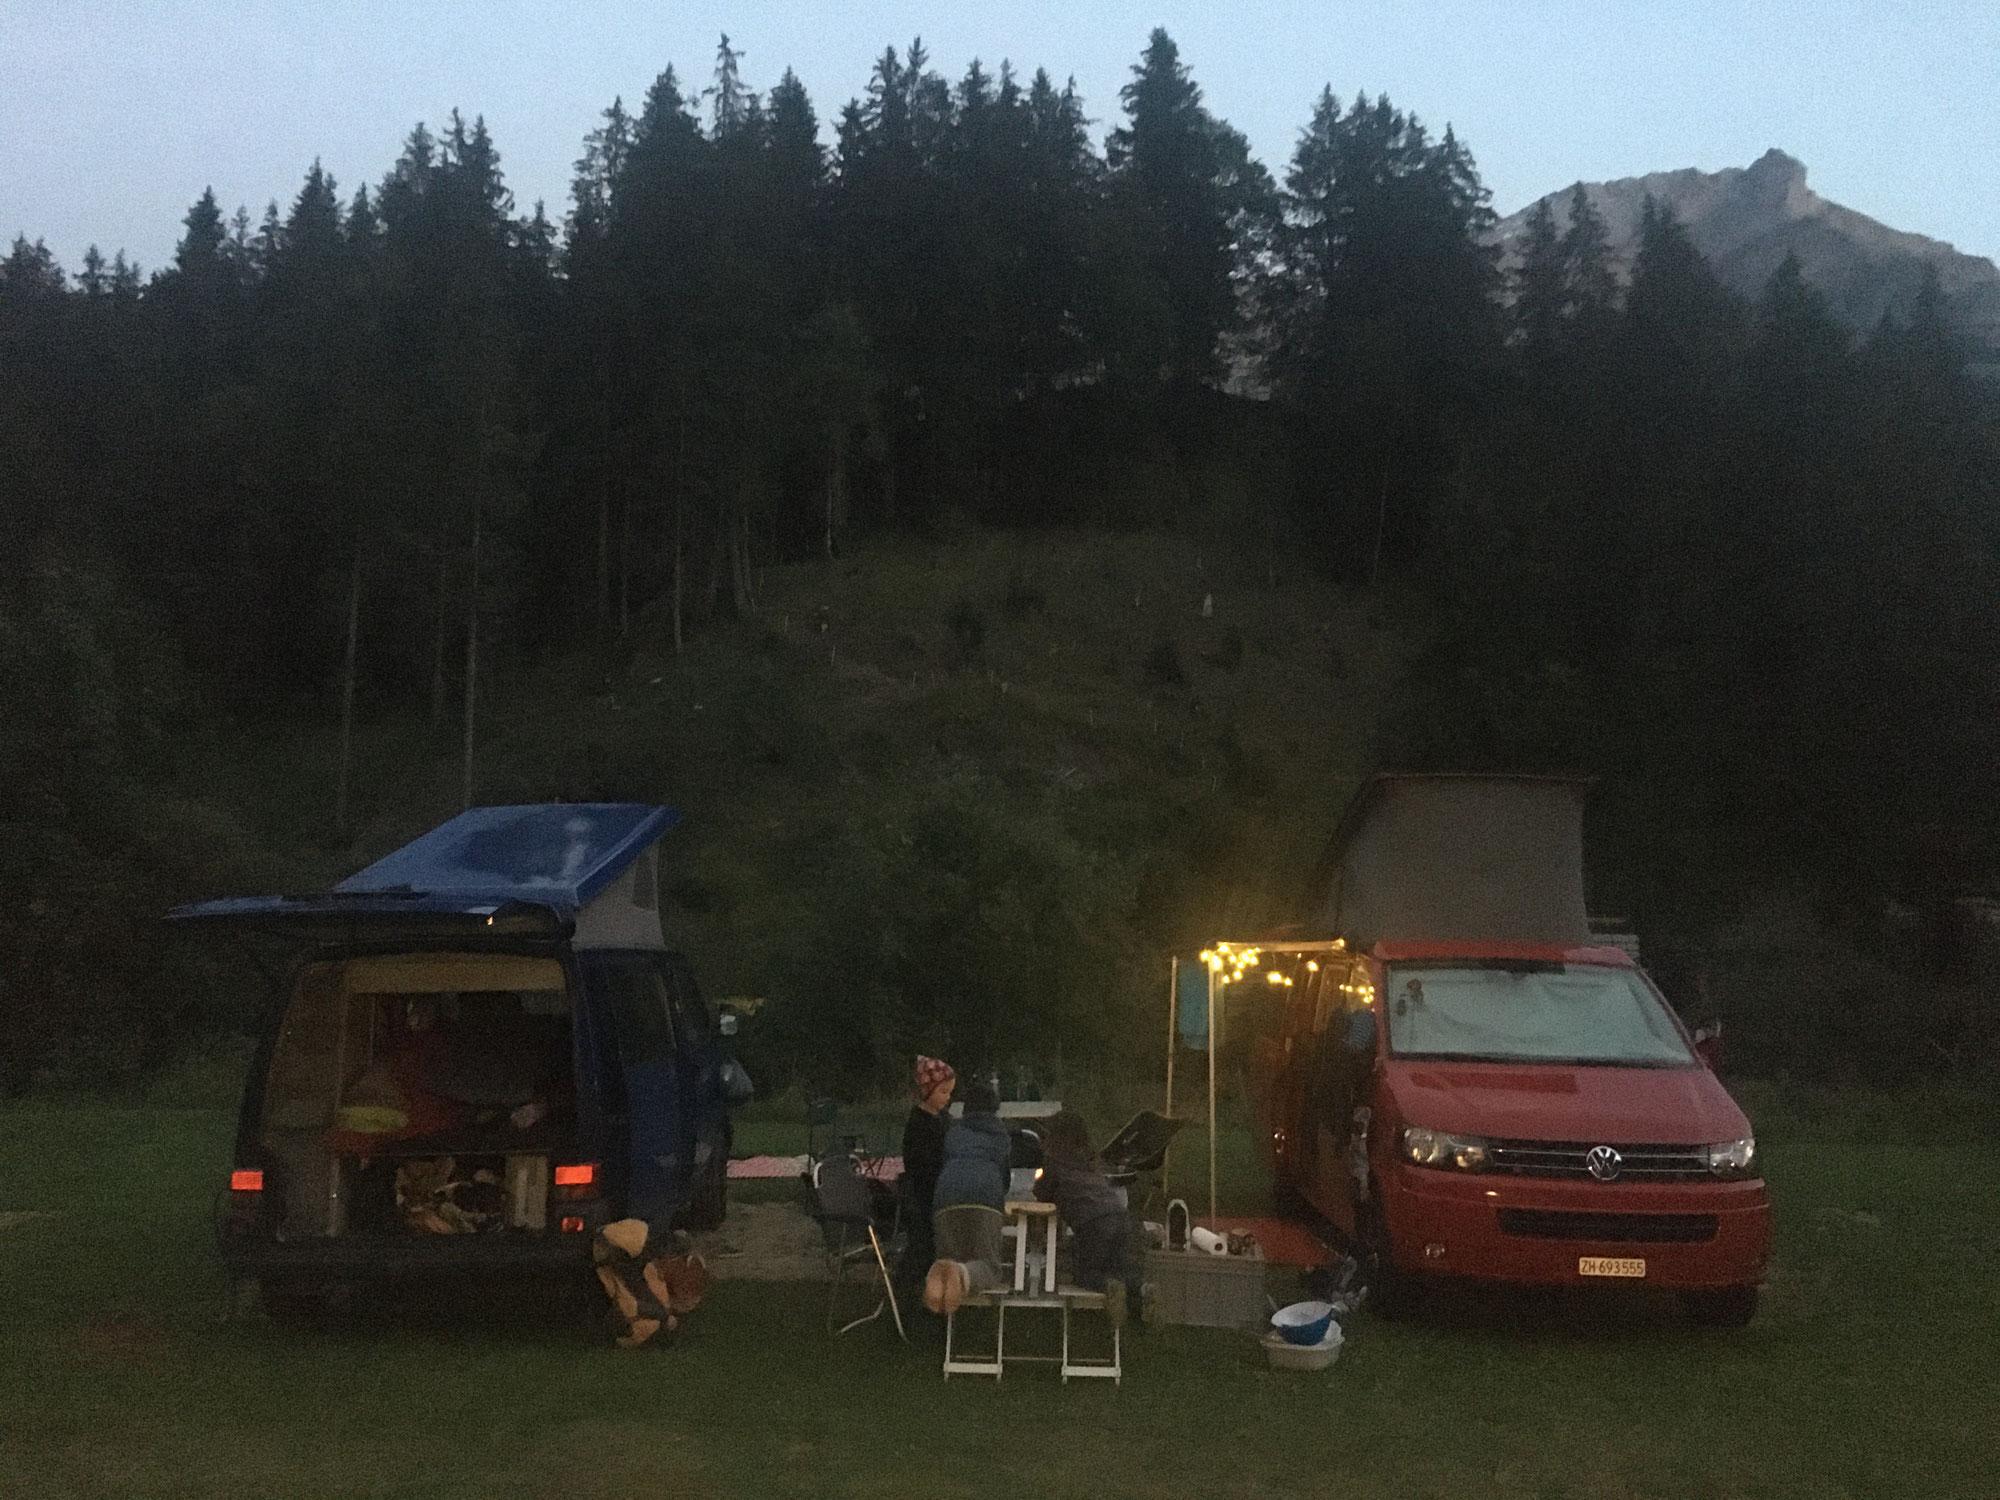 Klettern am Fels in Adelboden - Camping Bergblick